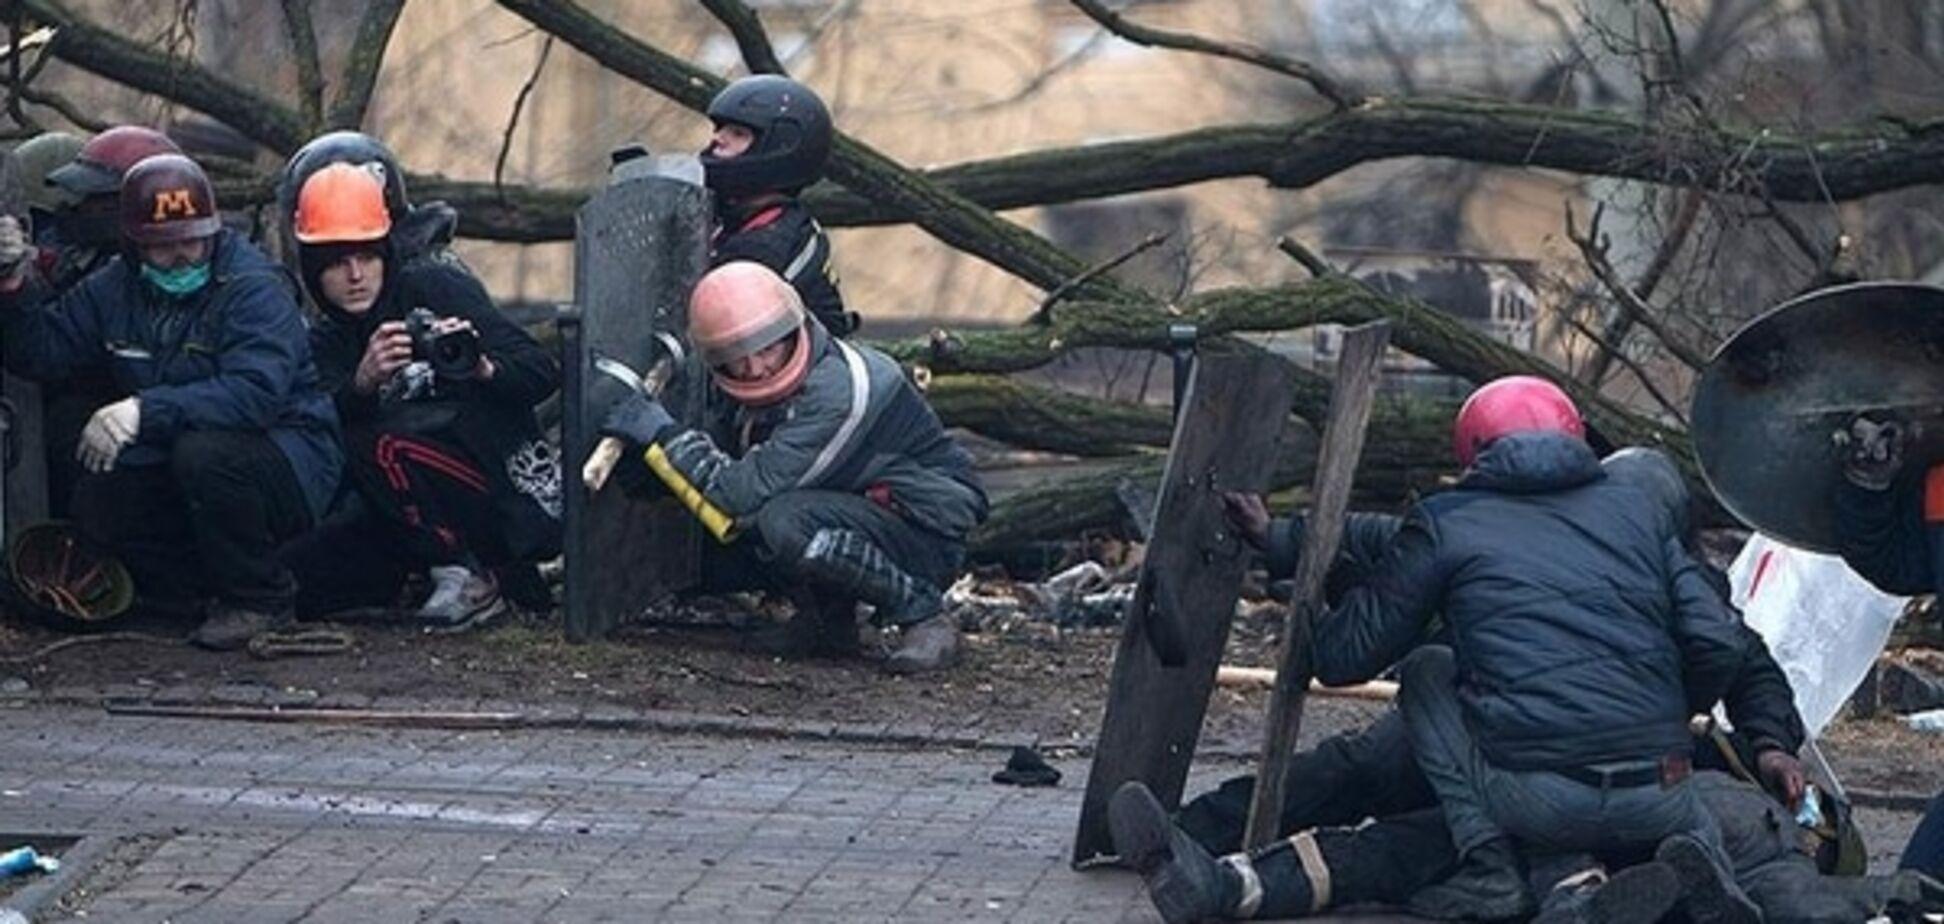 ГПУ поспешила снять вопрос российского следа в расстреле Майдана – адвокат семей 'Небесной сотни'